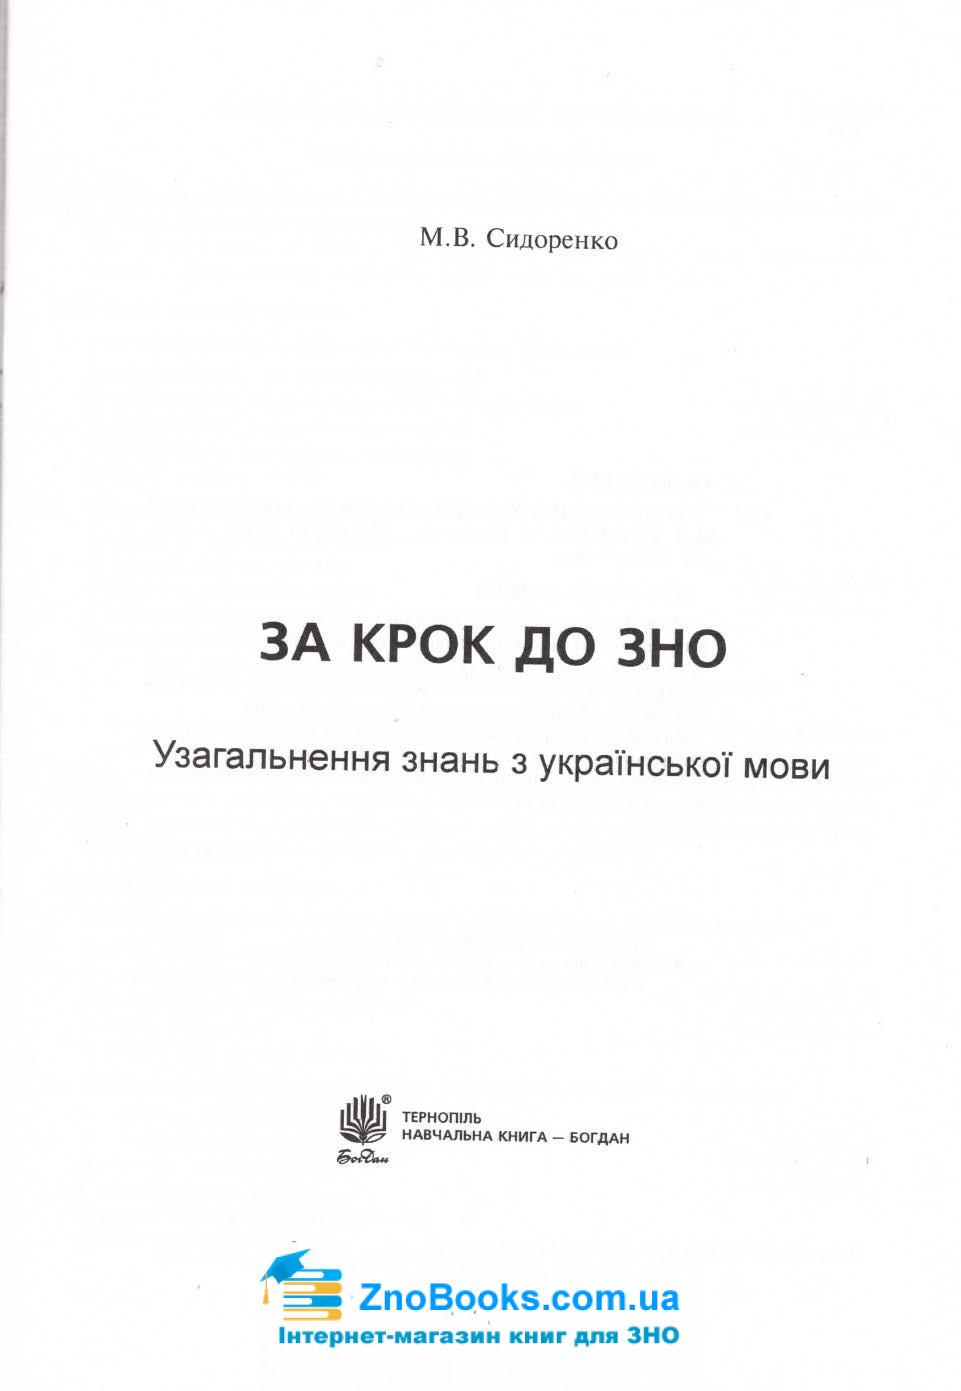 Тести з української мови. За крок до ЗНО : Сидоренко М. купити 1